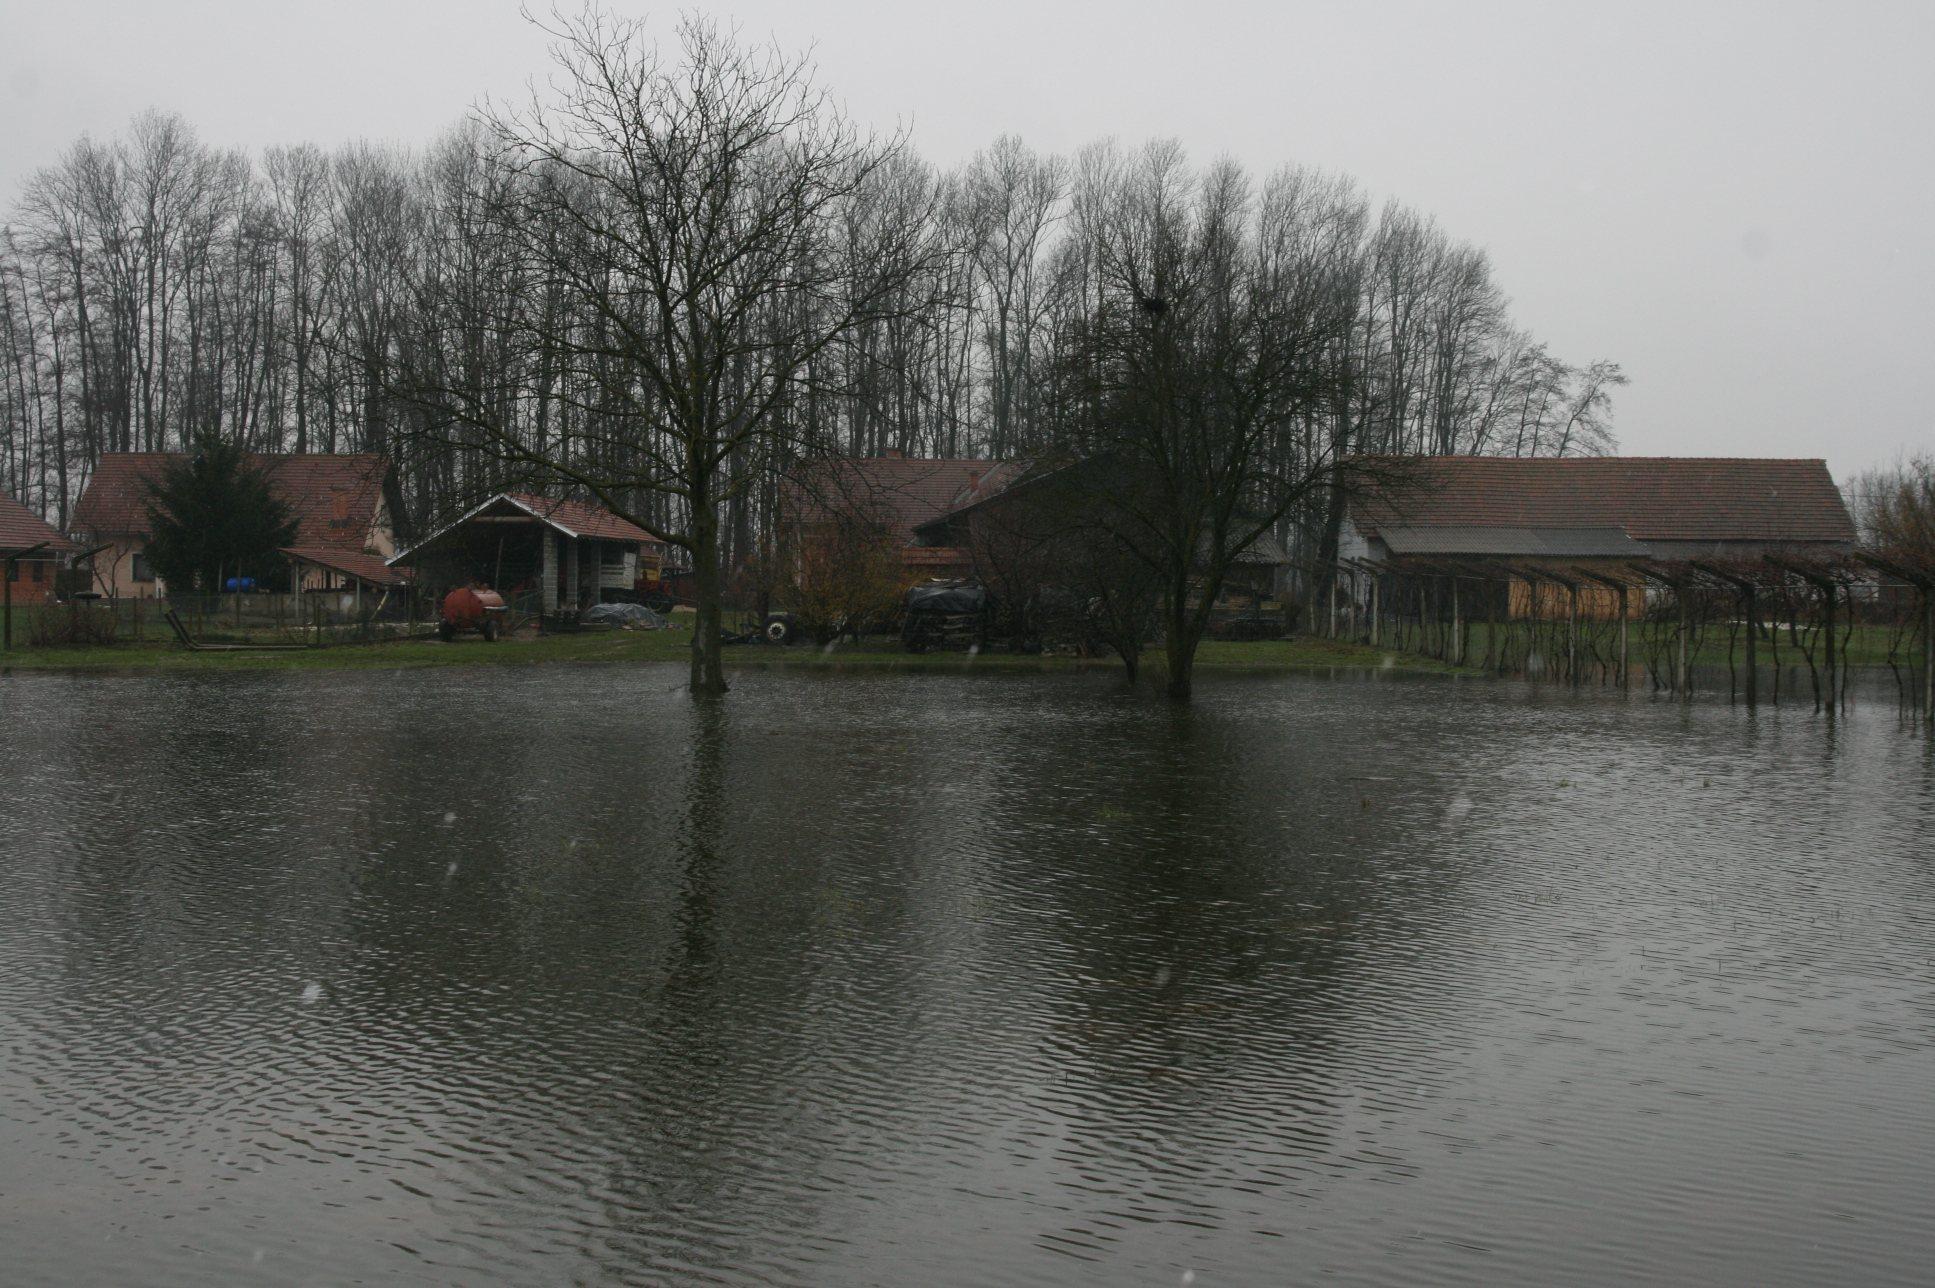 V Pomurju so številna kmetijska zemljišča pod vodo.